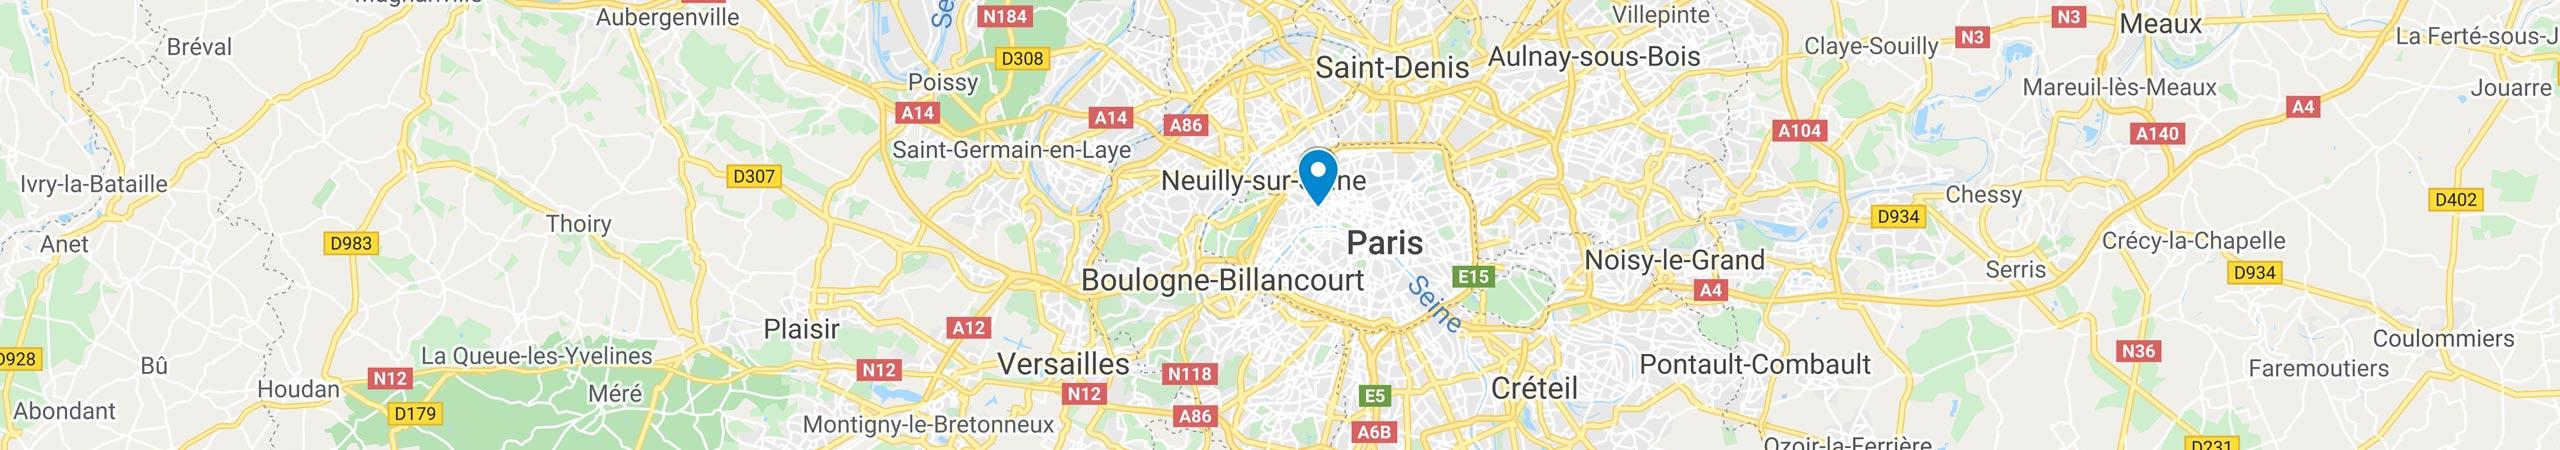 Coplaclean société de dératisation à Paris